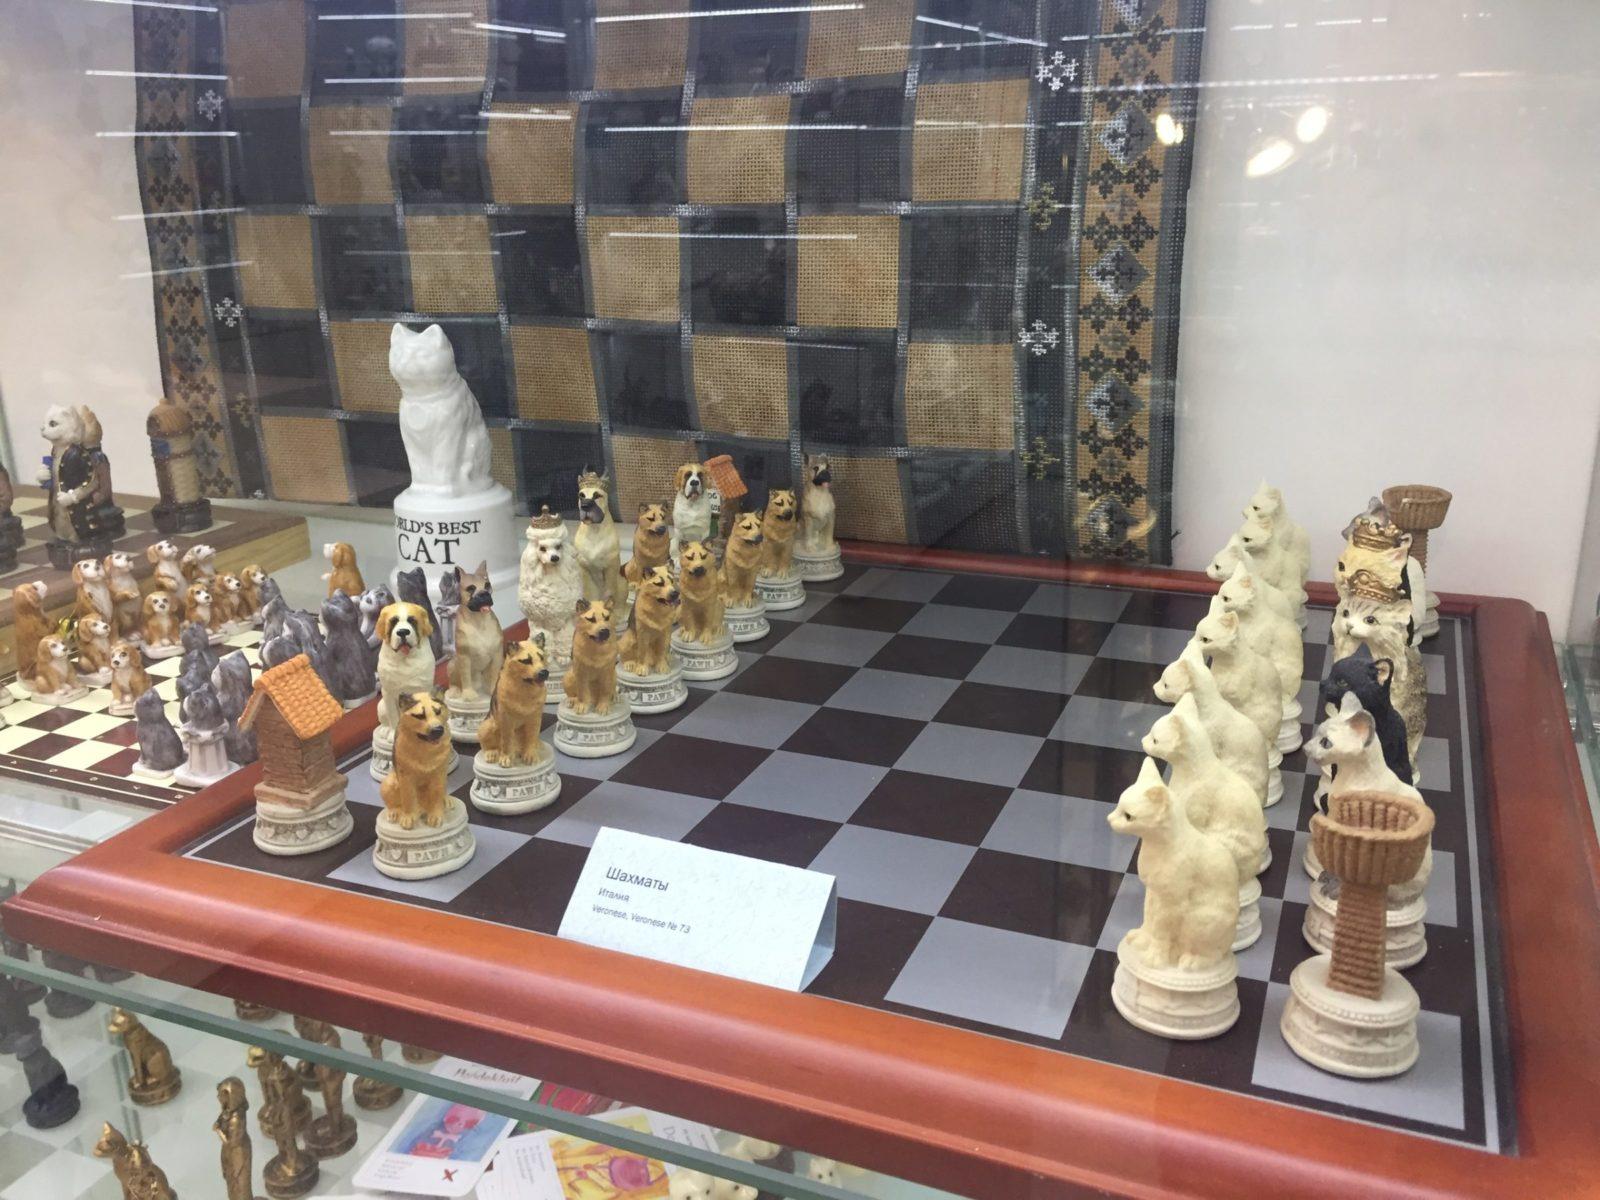 Шахматы с изображением котов. Фото: Ирина КОМИК